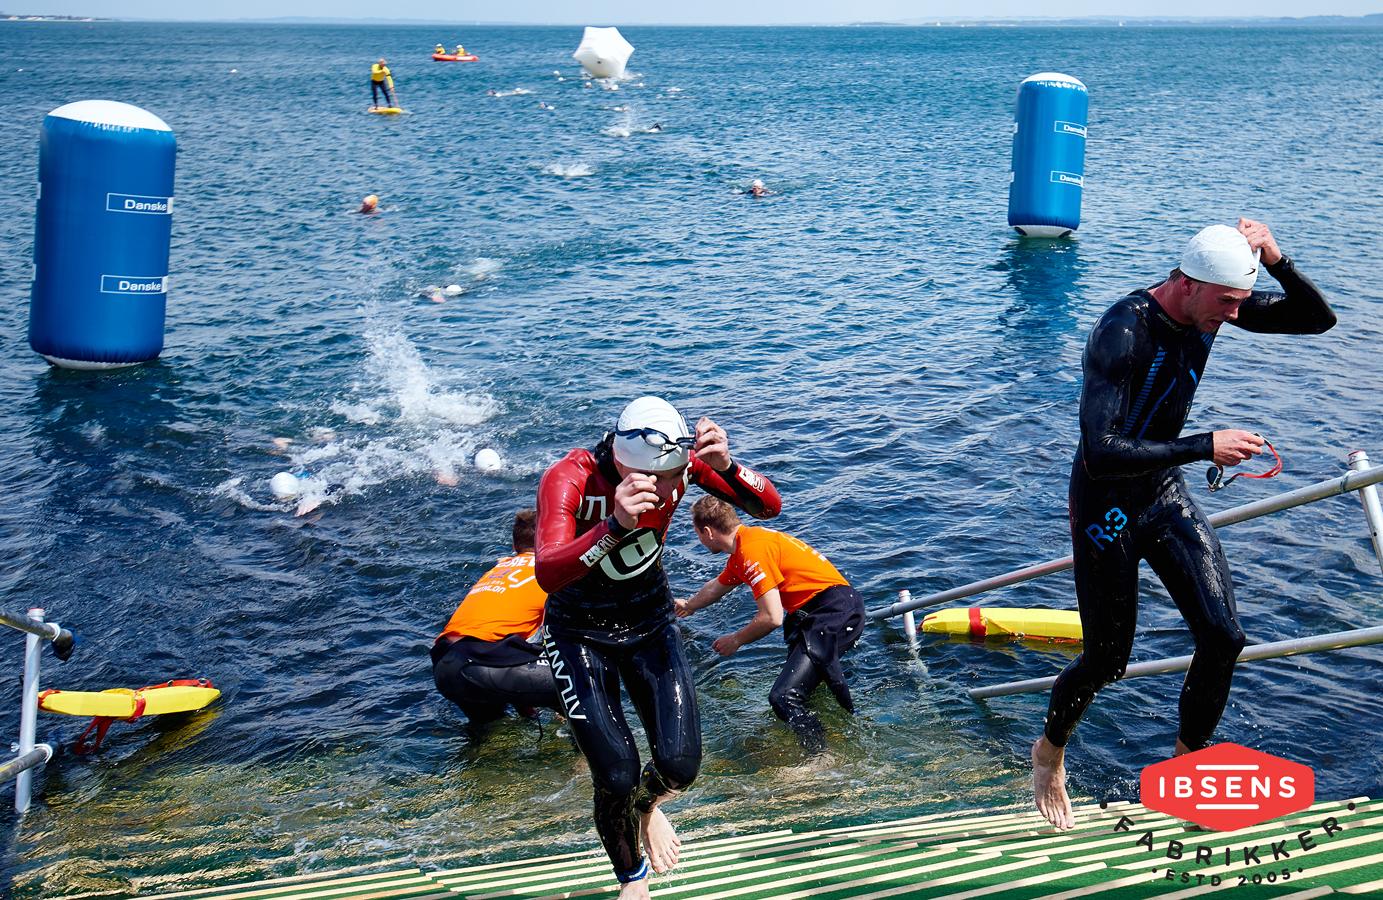 Till Aarhus Bay Triathlon gjorde sponsorerna deras brand synligt på vattnet.